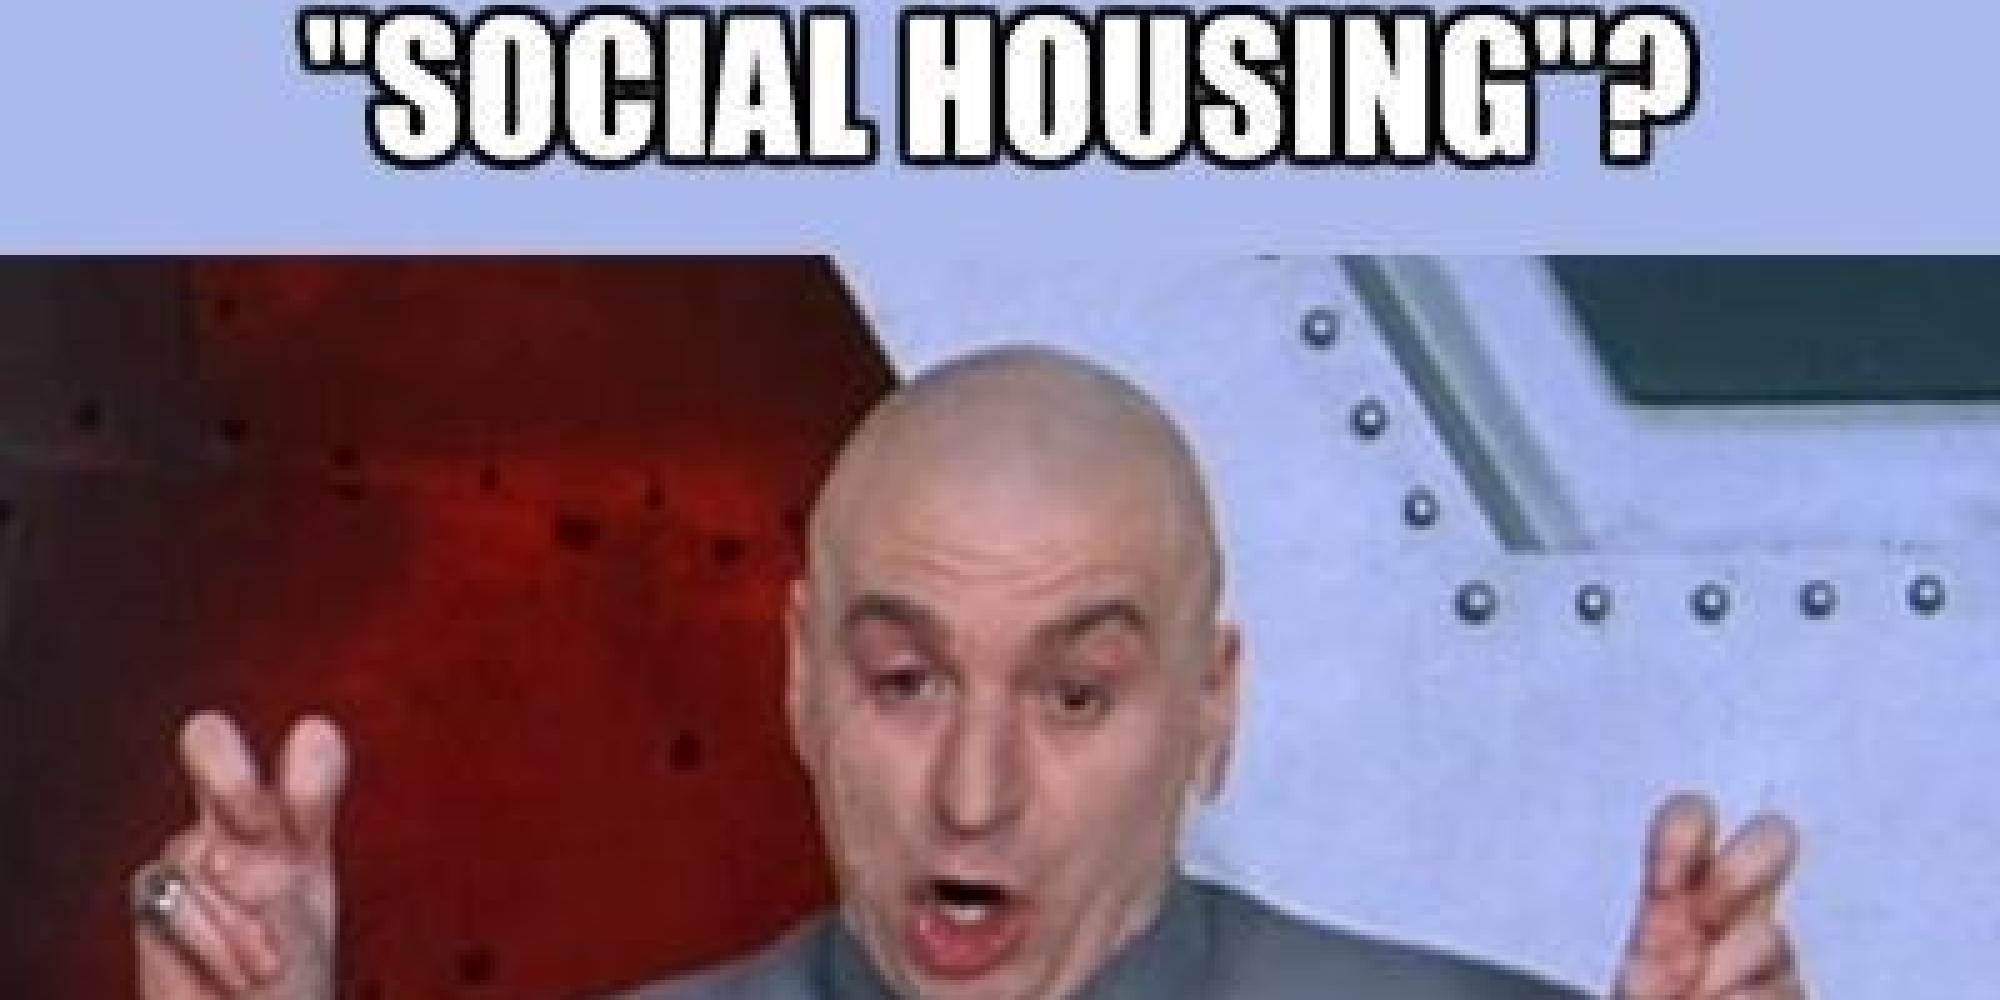 gregor vancouver robertson meme memes huffpost developer